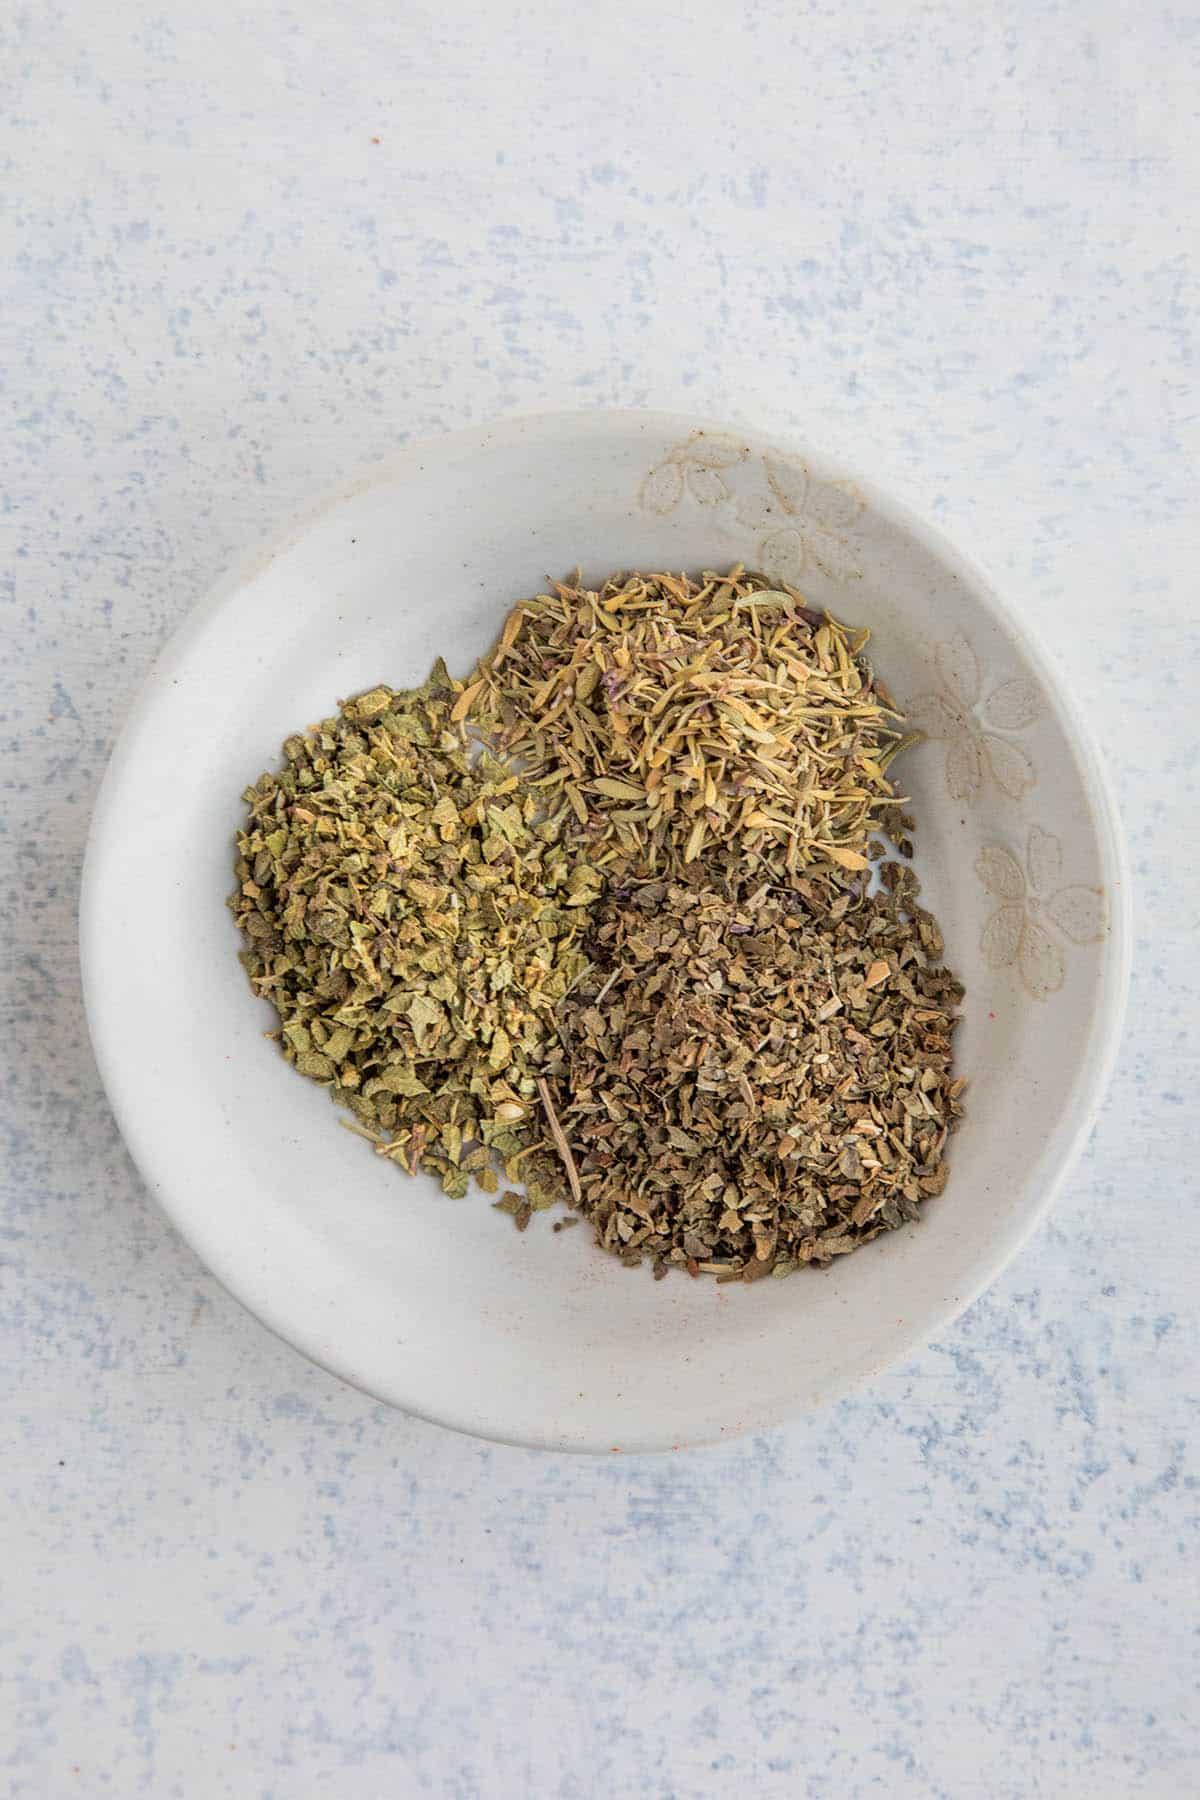 The herbs in my Homemade Blackening Seasoning recipe